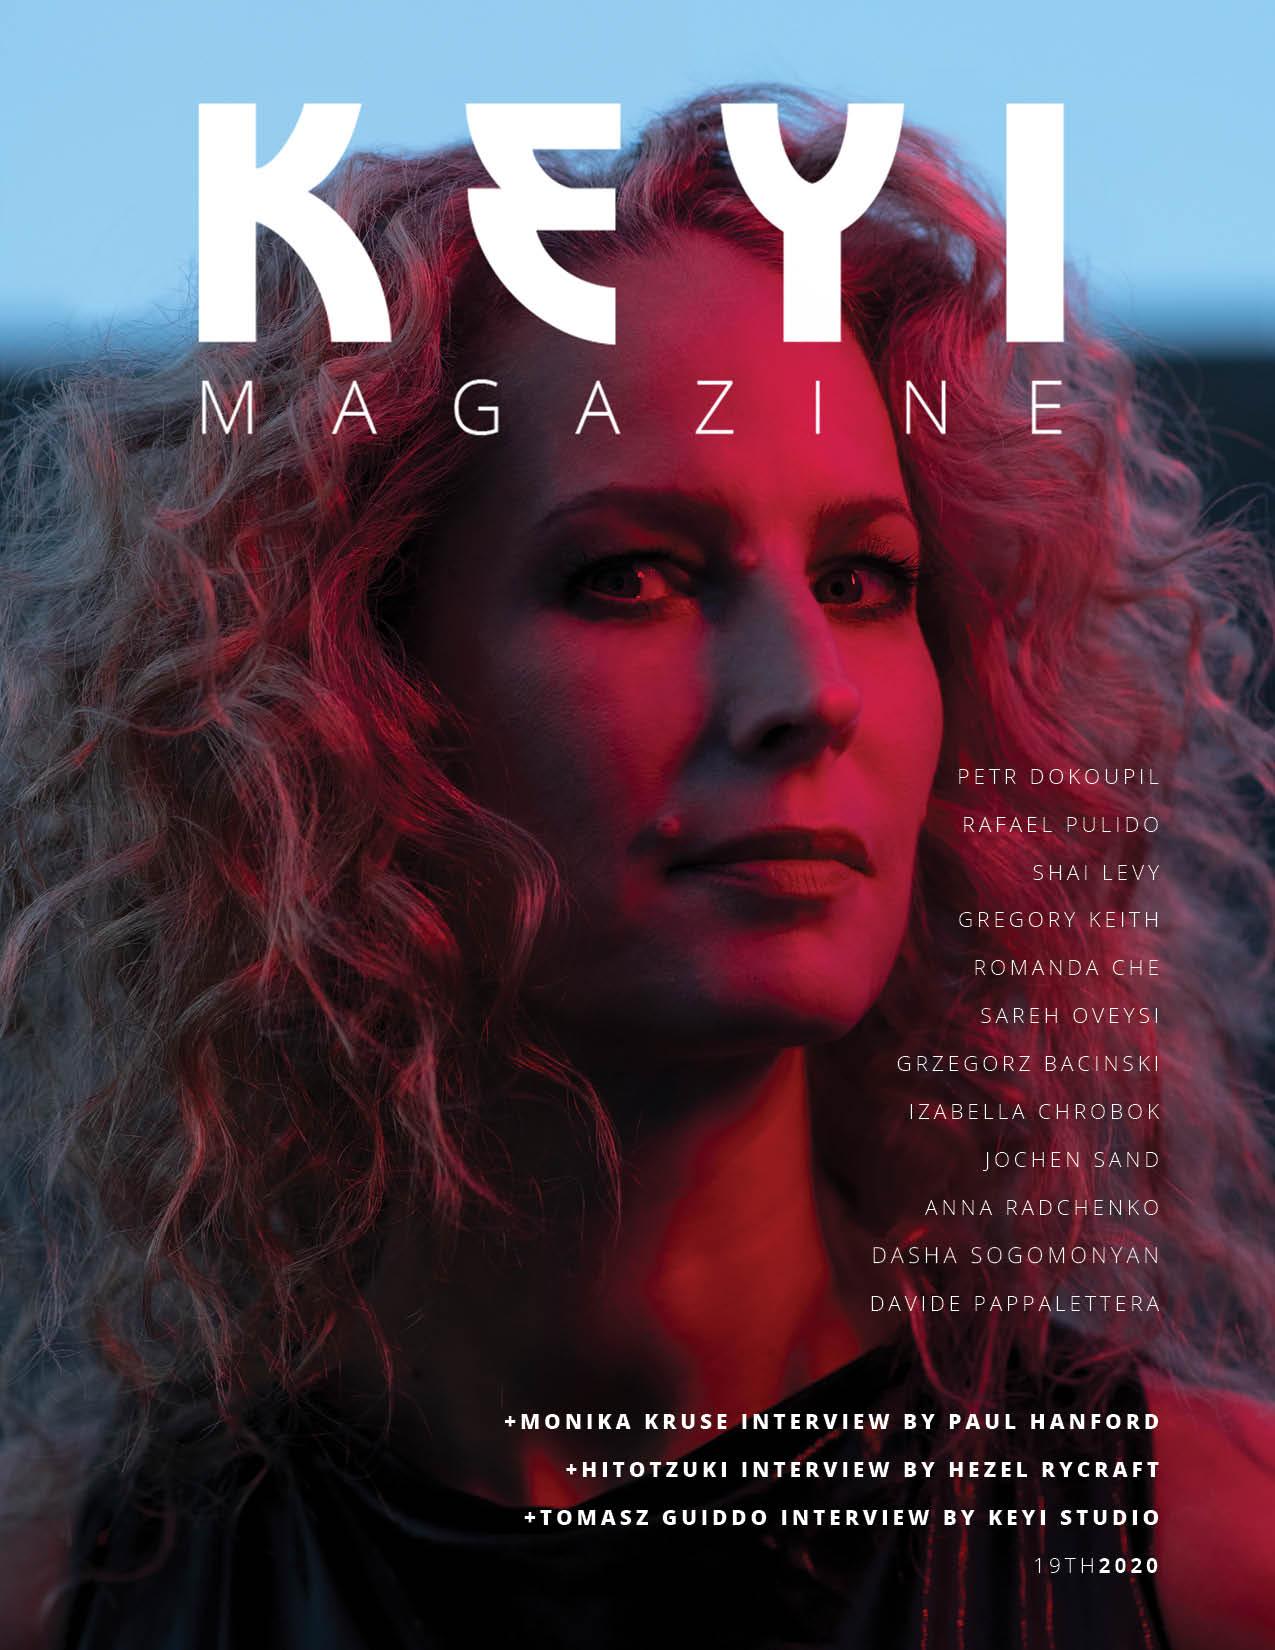 MONIKA KRUSE interview for Keyi Magazine Berlin by Paul Hanford and photos/styling by KEYI Studio Grzegorz Bacinski & Izabella Chrobok